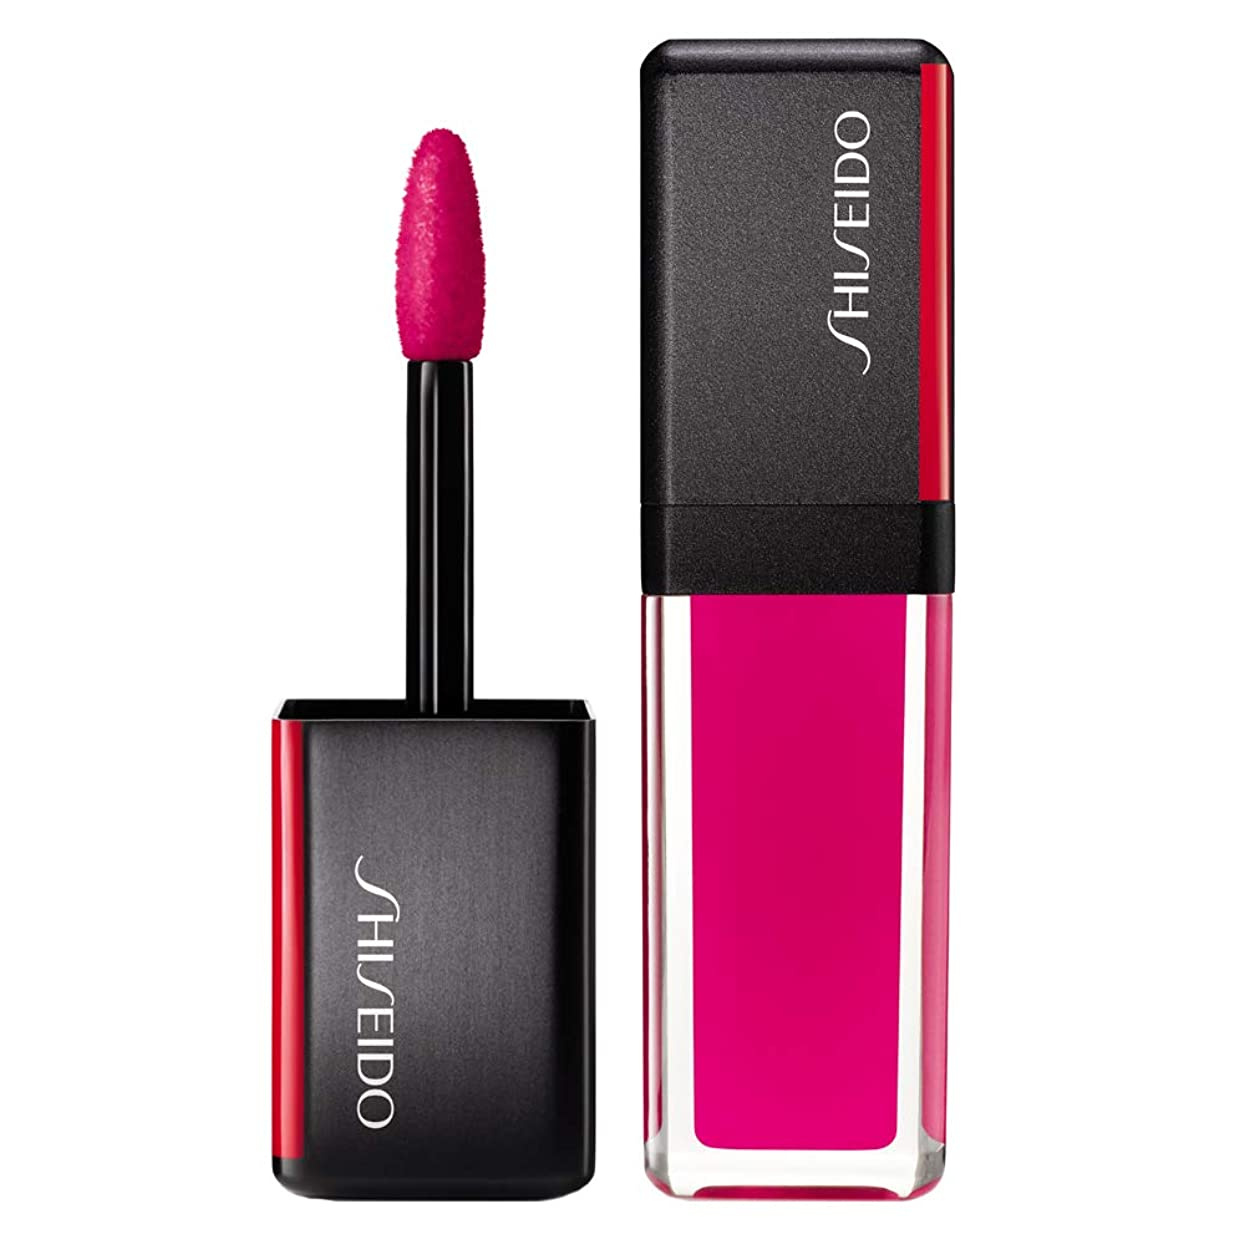 官僚に話す販売員資生堂 LacquerInk LipShine - # 302 Piexi Pink (Strawberry) 6ml/0.2oz並行輸入品